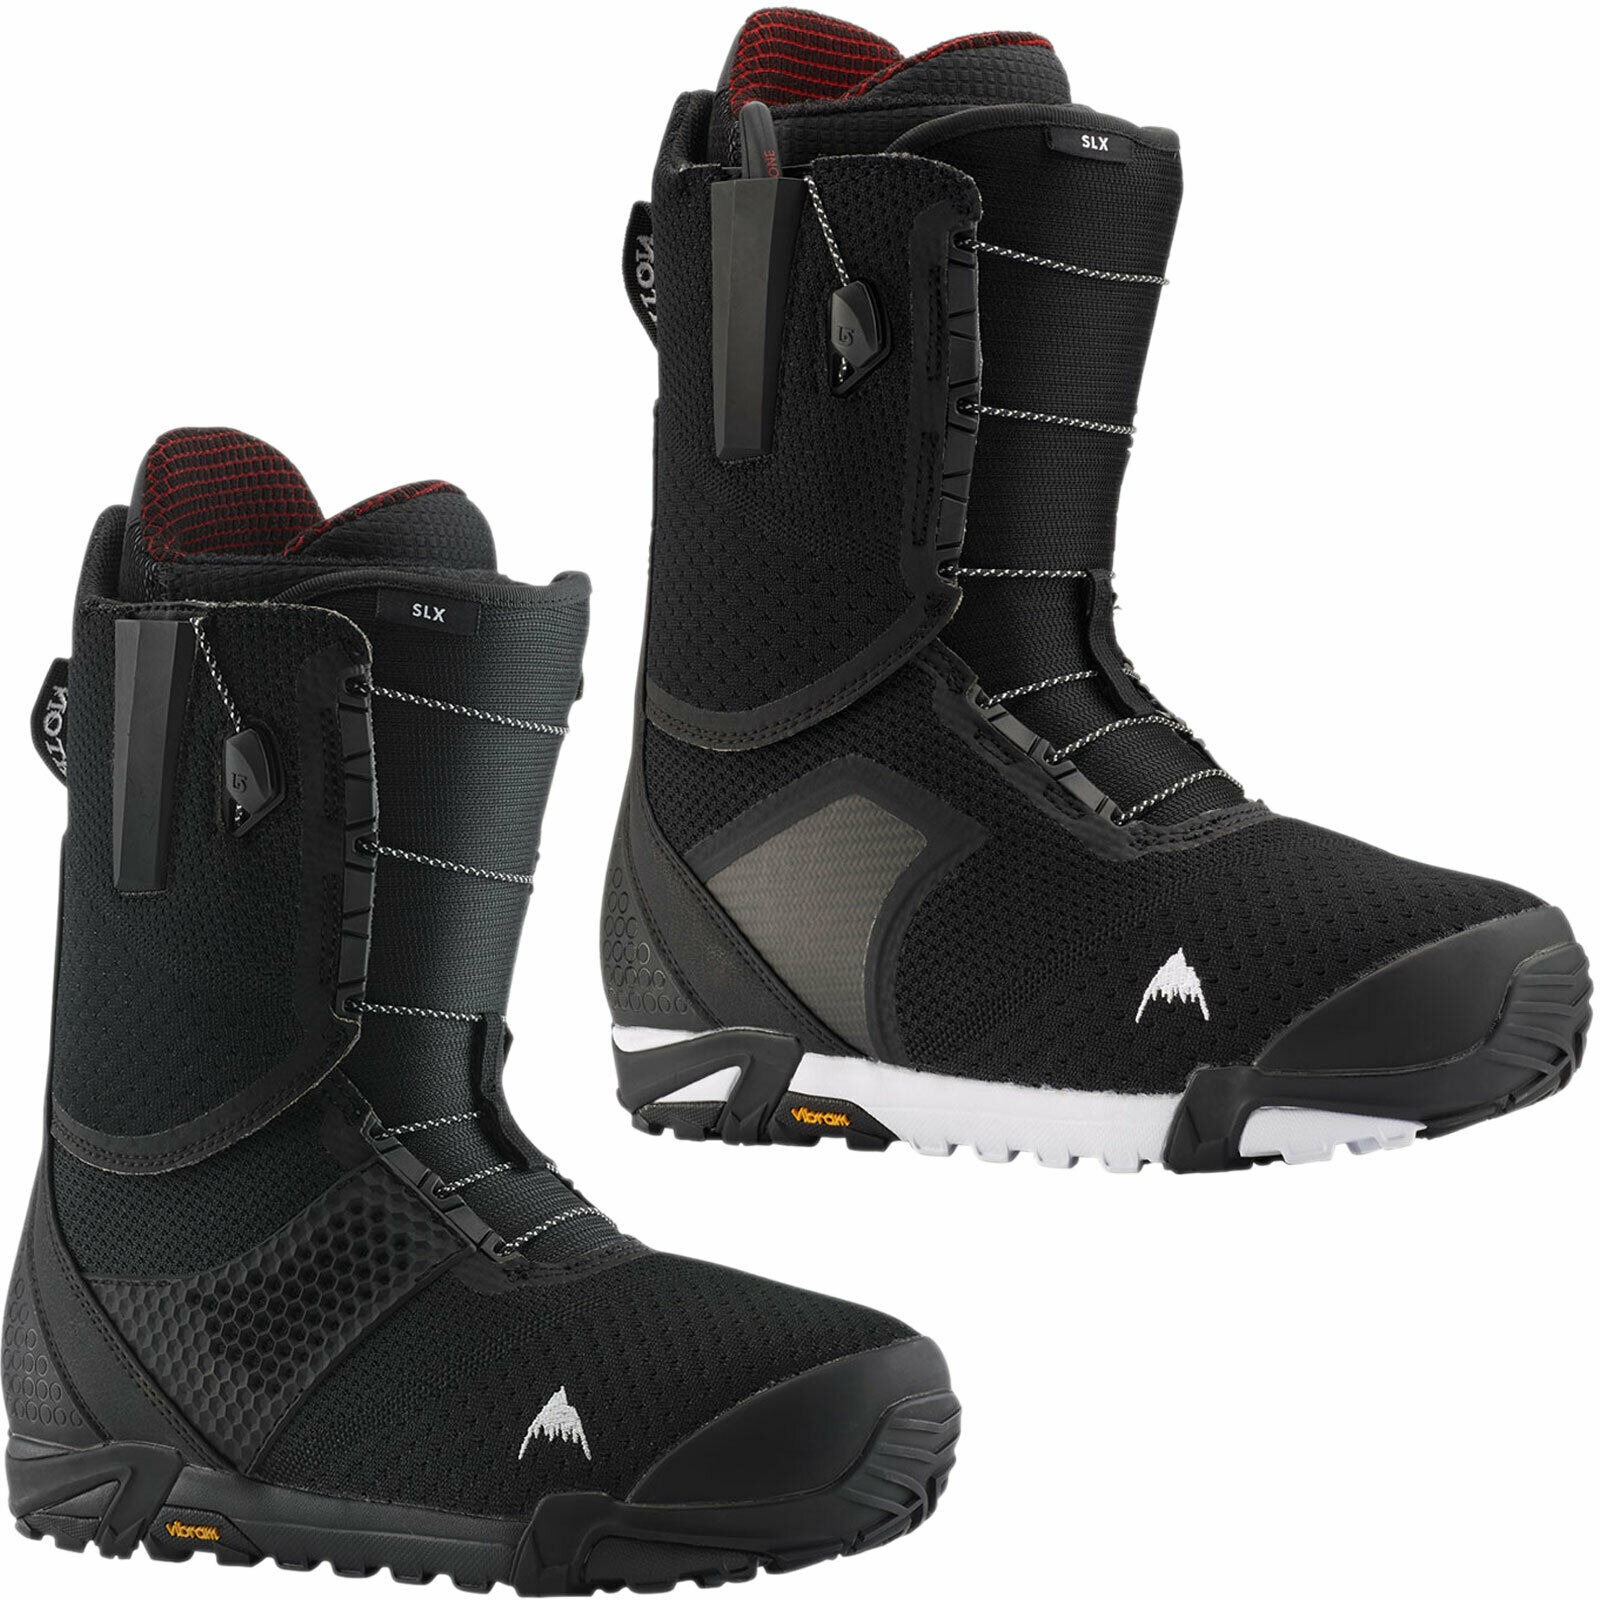 Burton SLX Sie's Snowboard schuhe Snowboard Stiefel Snowboard Stiefel 2019-2020 NEU